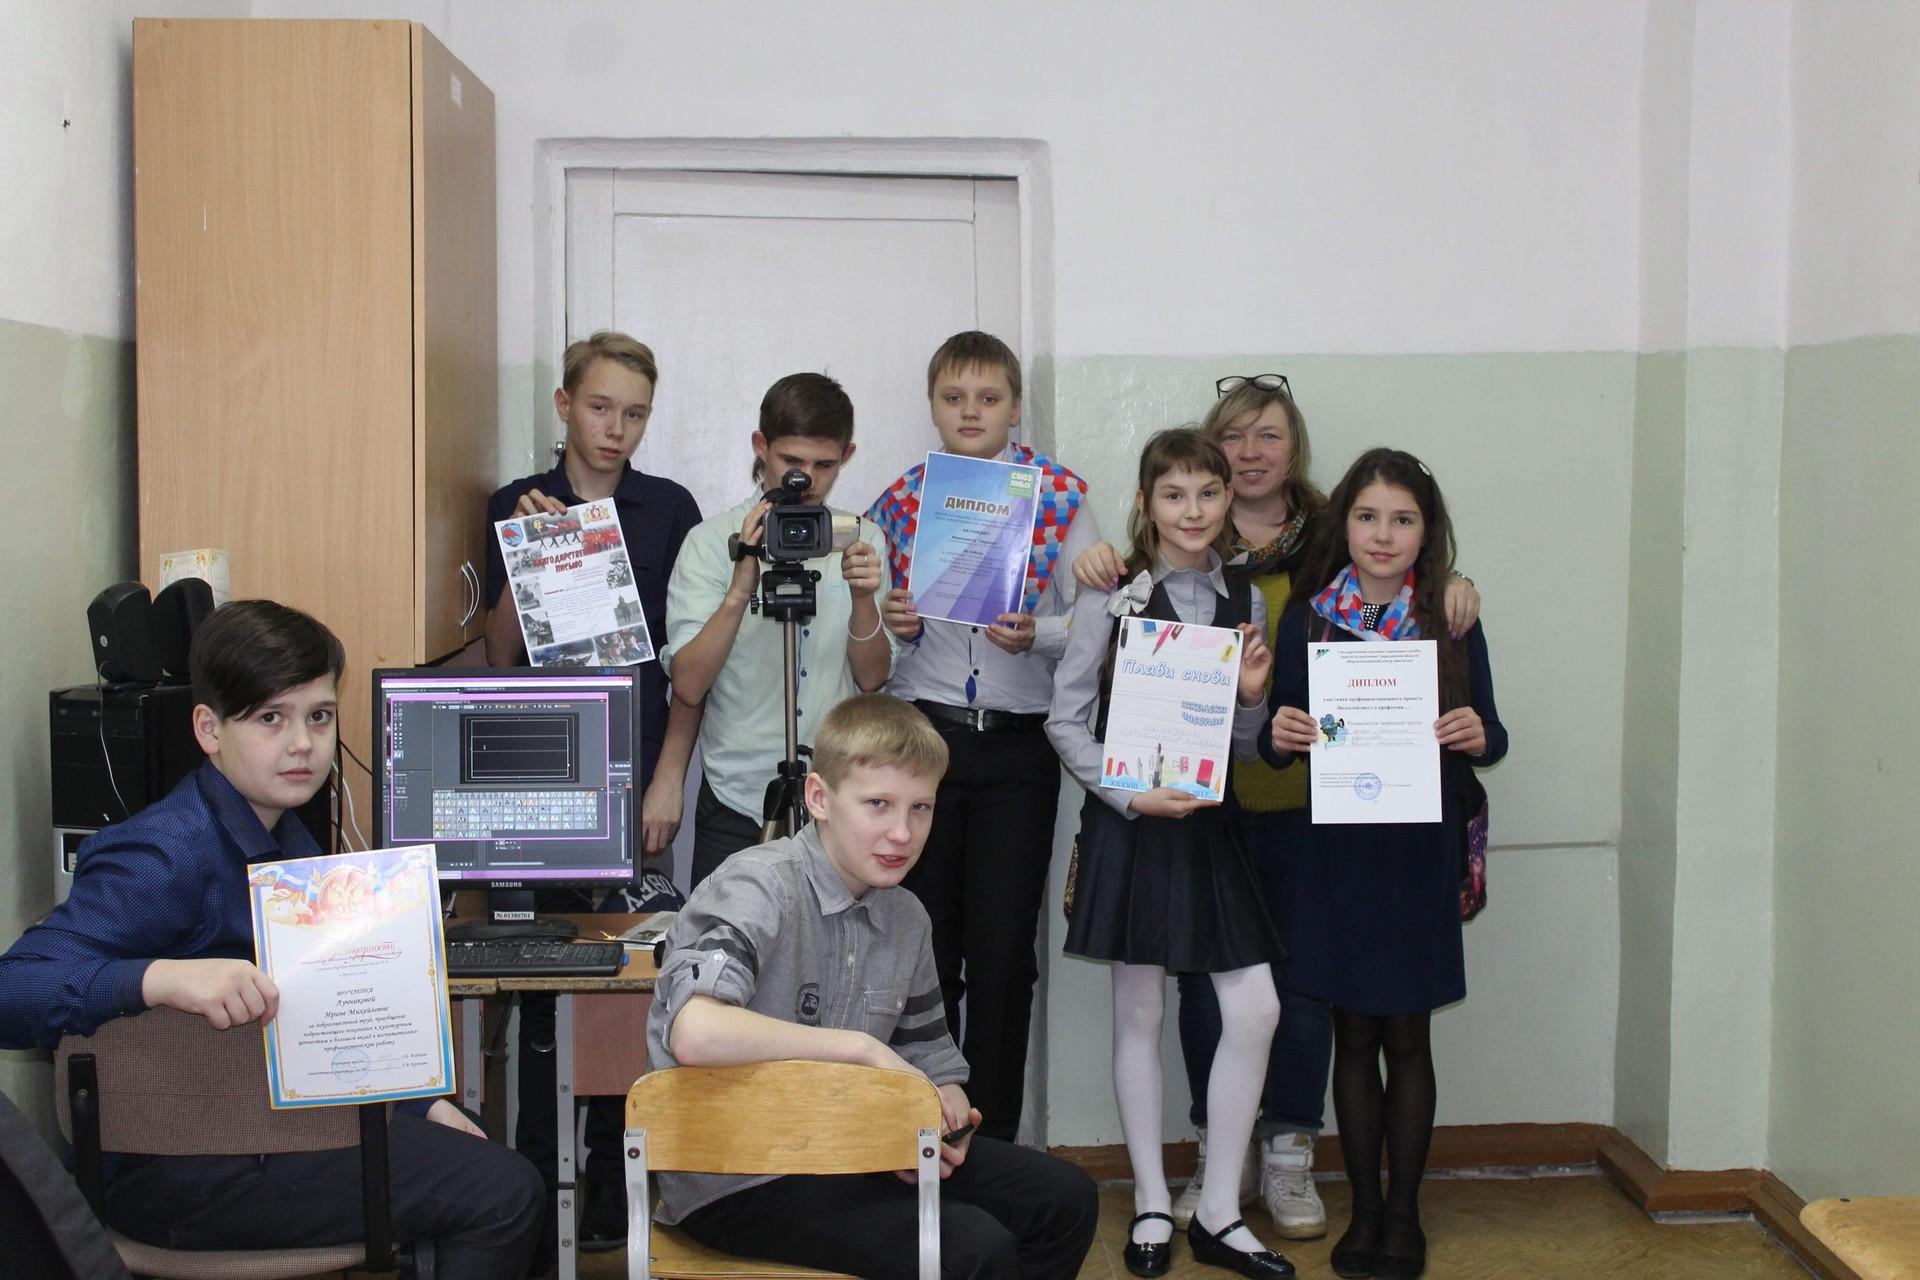 Новинарска секција у школи града Верхњаја Салда под руководством учитељице Ирине Лучњикове